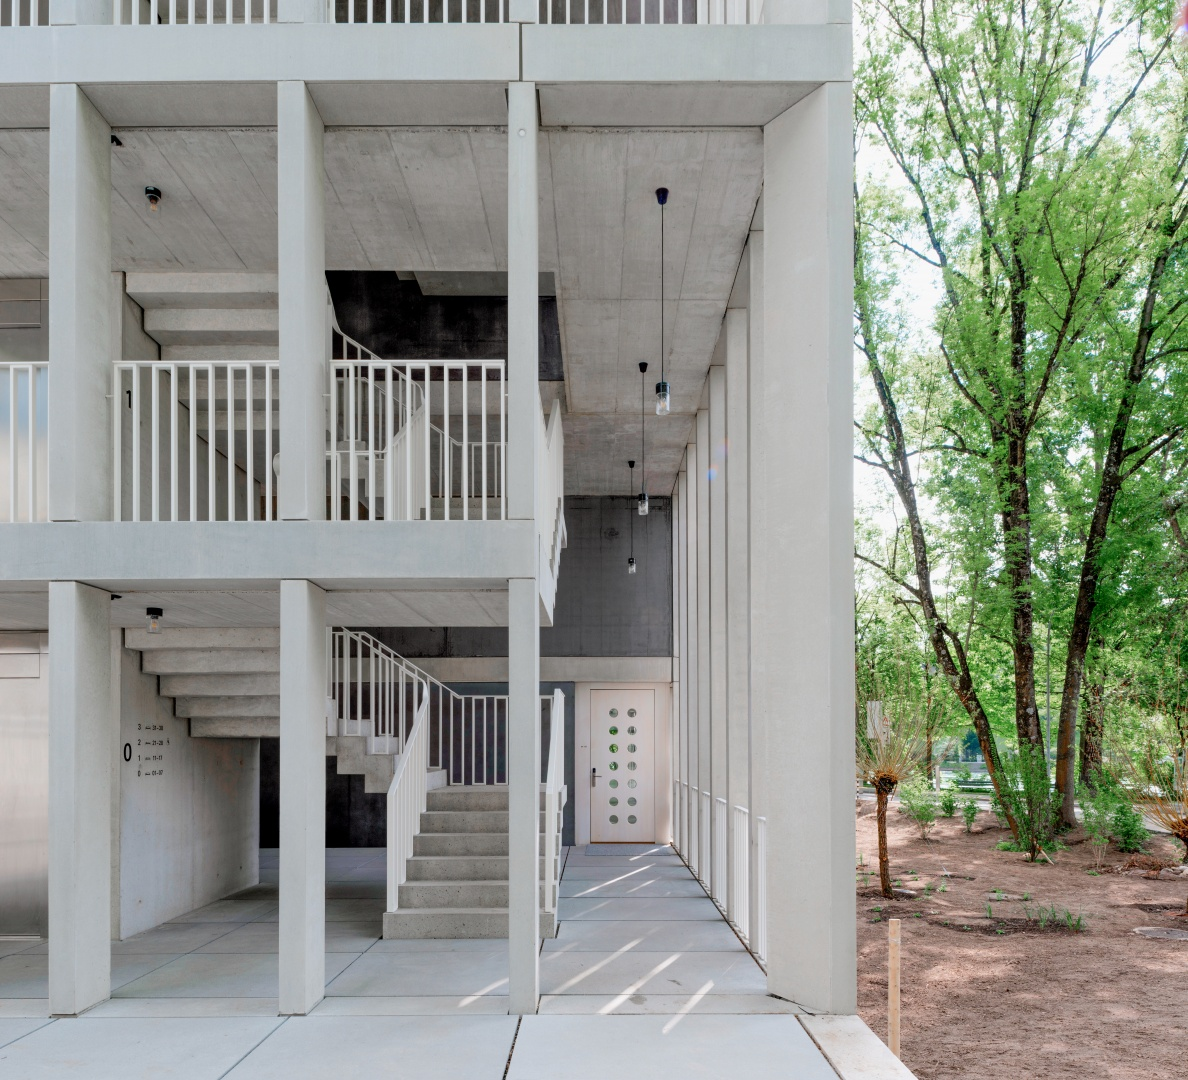 Das offene Treppenhaus erschliesst wechselseitig  die vier Etagen des neuen Dormitoriums. Die vorfabrizierten Fassaden- und Treppenelemente aus Weissbeton sind modellhaft zusammengefügt. © Adrian Scheidegger